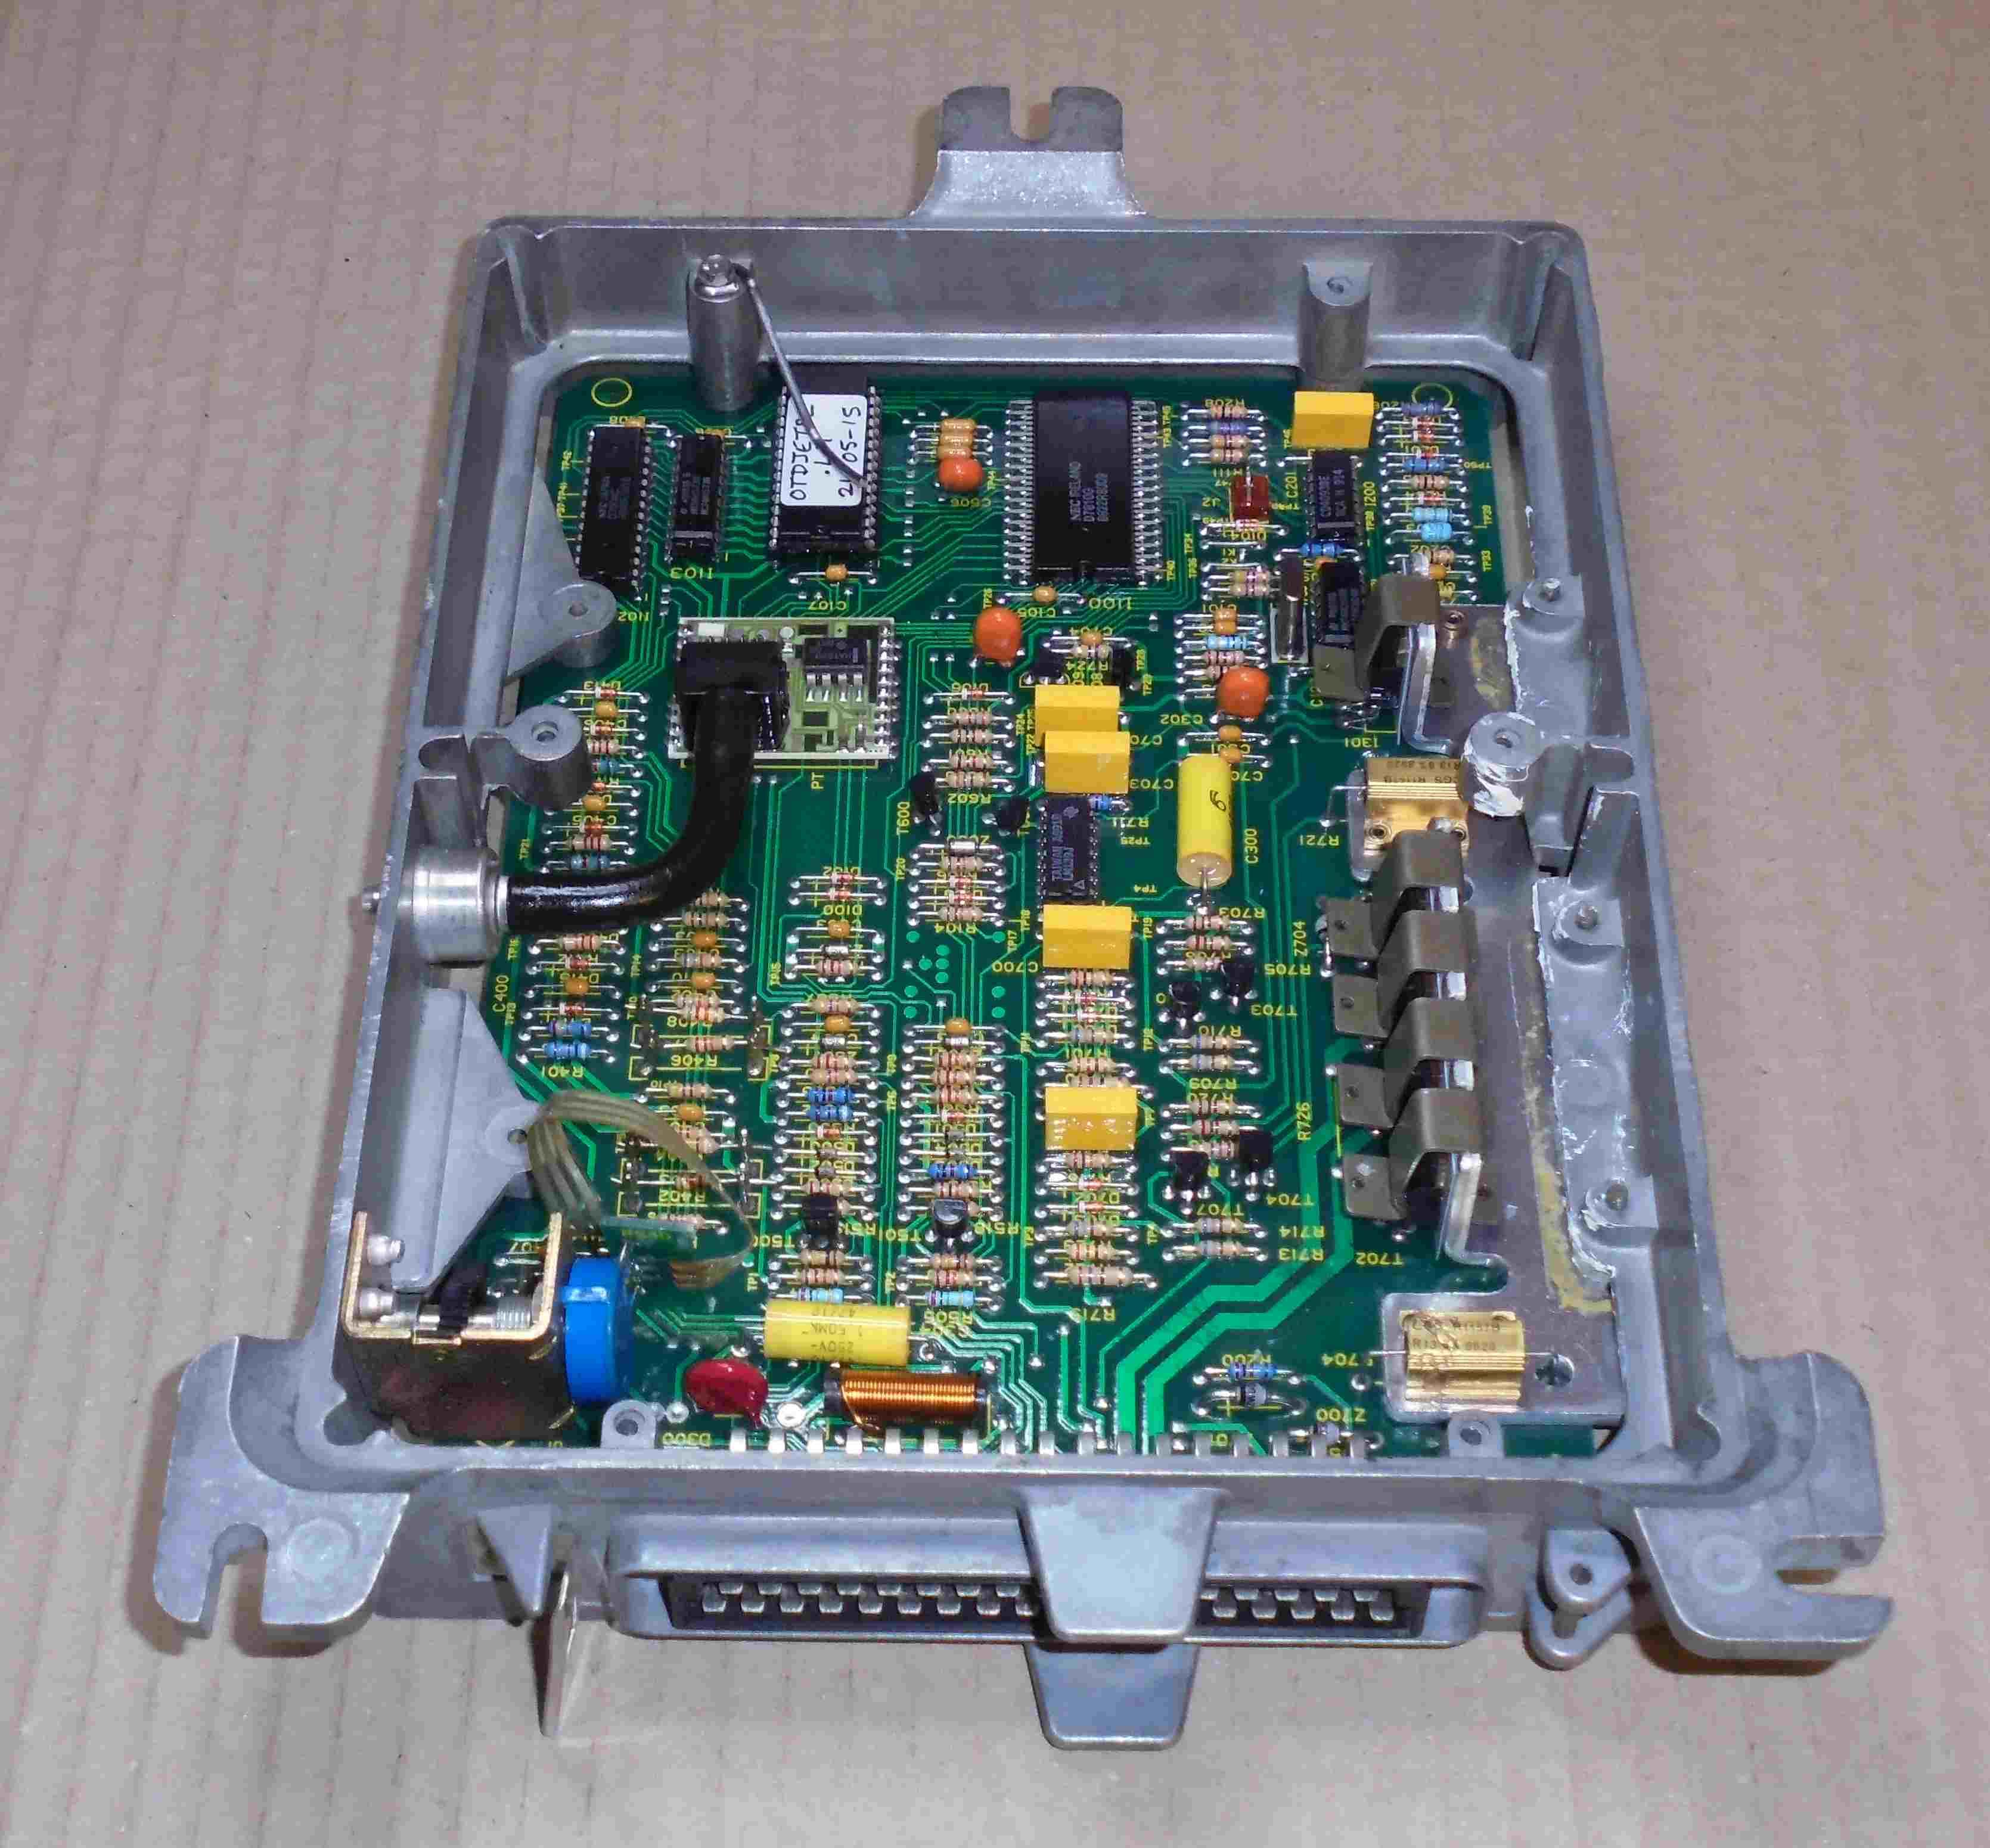 Lucas 16CU fuel controller